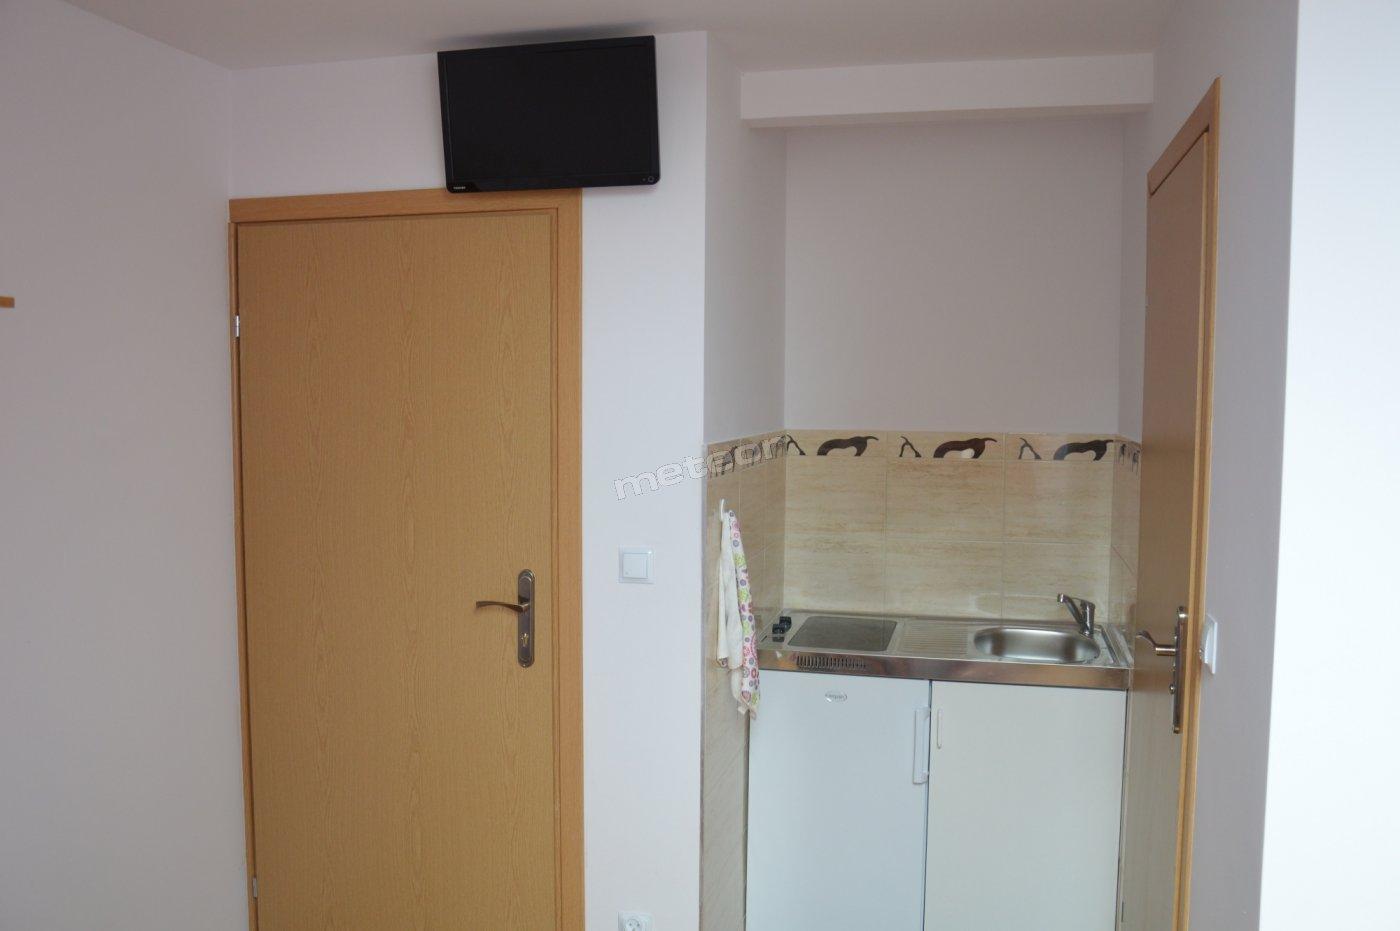 Każdy z pokoi wyposażony jest w aneks kuchenny (lodówka, kuchnia indukcyjna, zlewozmywak), TV, Wi-Fi oraz łazienkę.